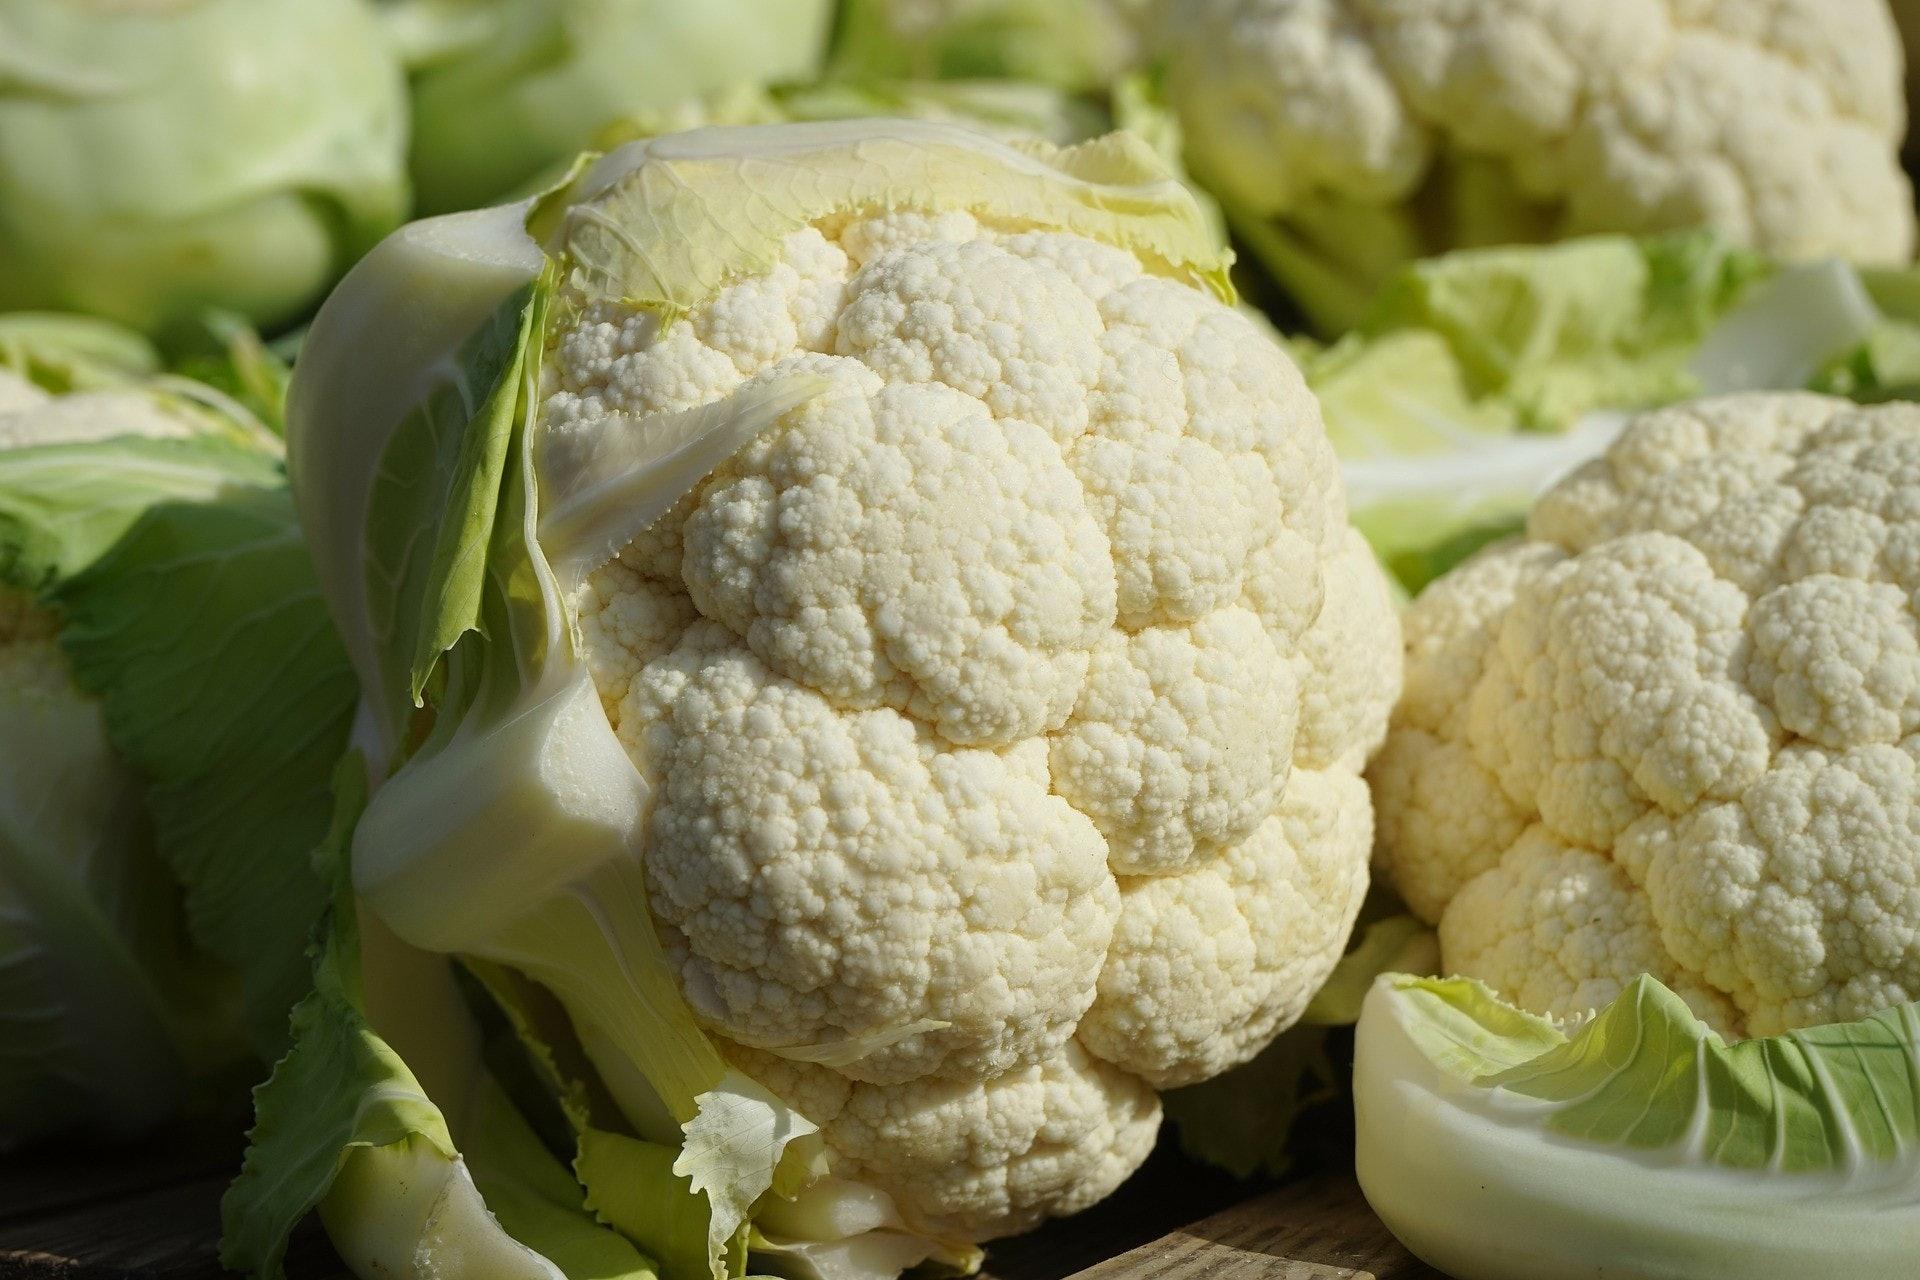 7.椰菜花|椰菜花是一種對腎臟有益的十字花科超級食物,蘊含豐富維他命C、膳食葉酸與纖維,另外亦有一些對肝臟極重要的化合物,能中和有害物質。(Pixabay)